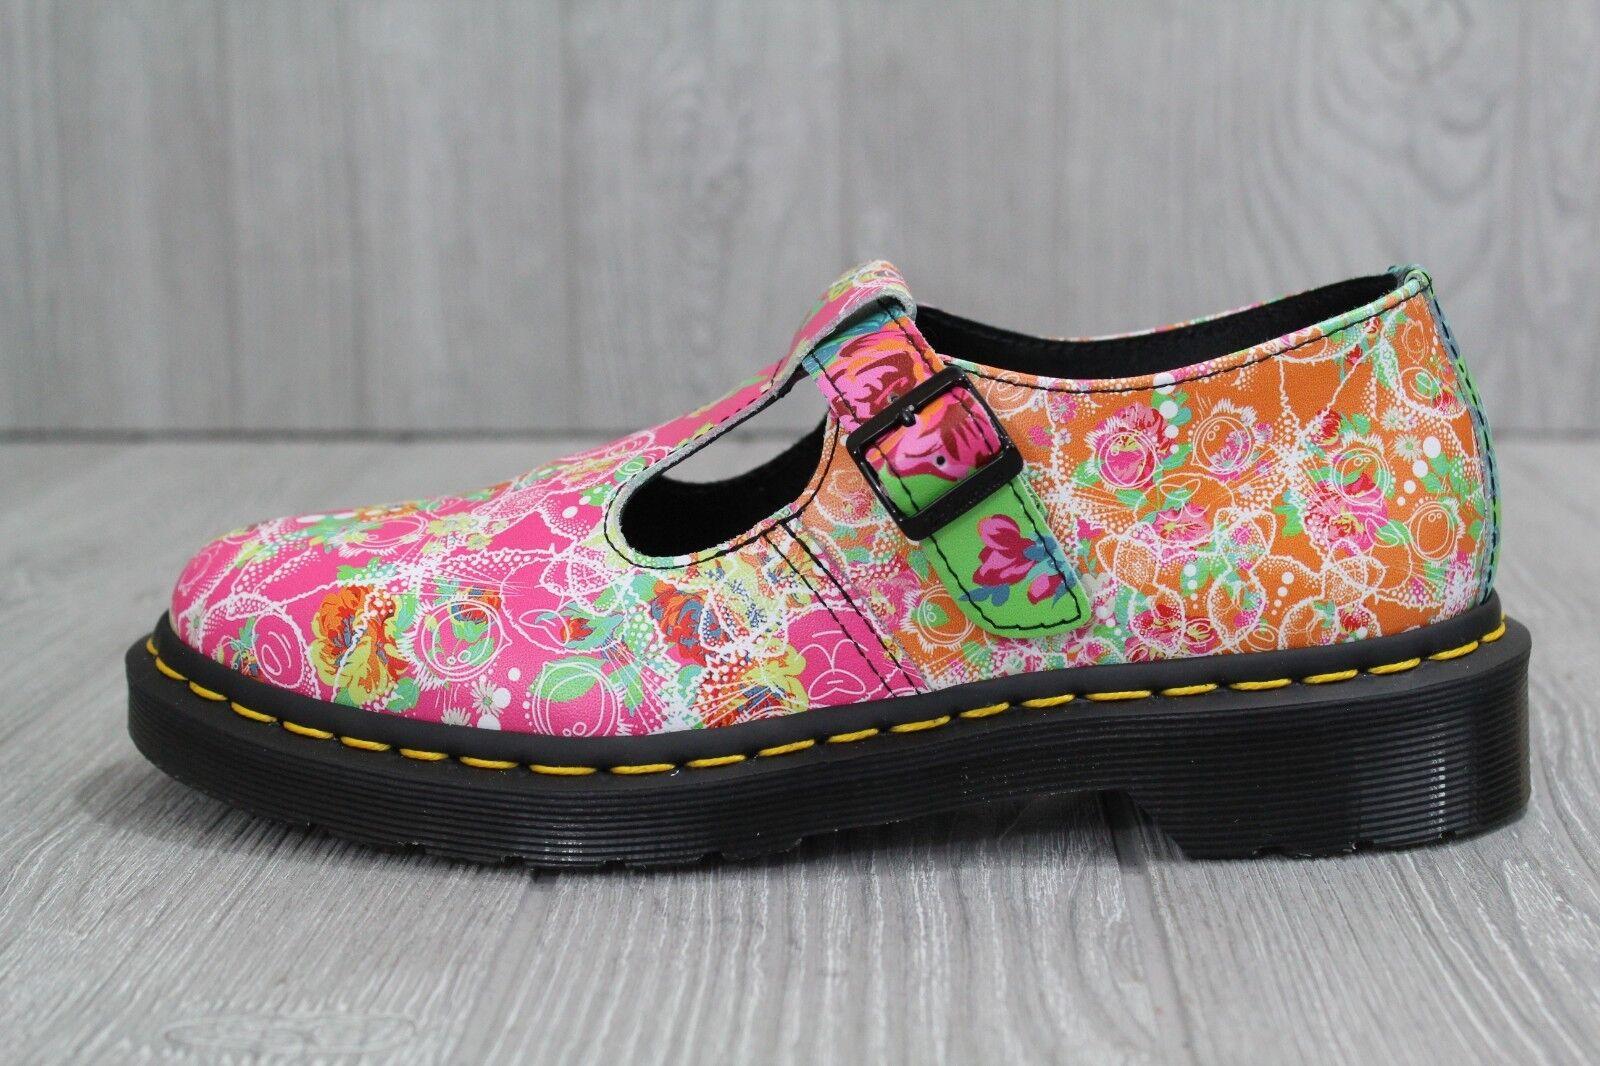 Dr. Martens, modelo fehombresino, botas de la moda, SZ 6 8.